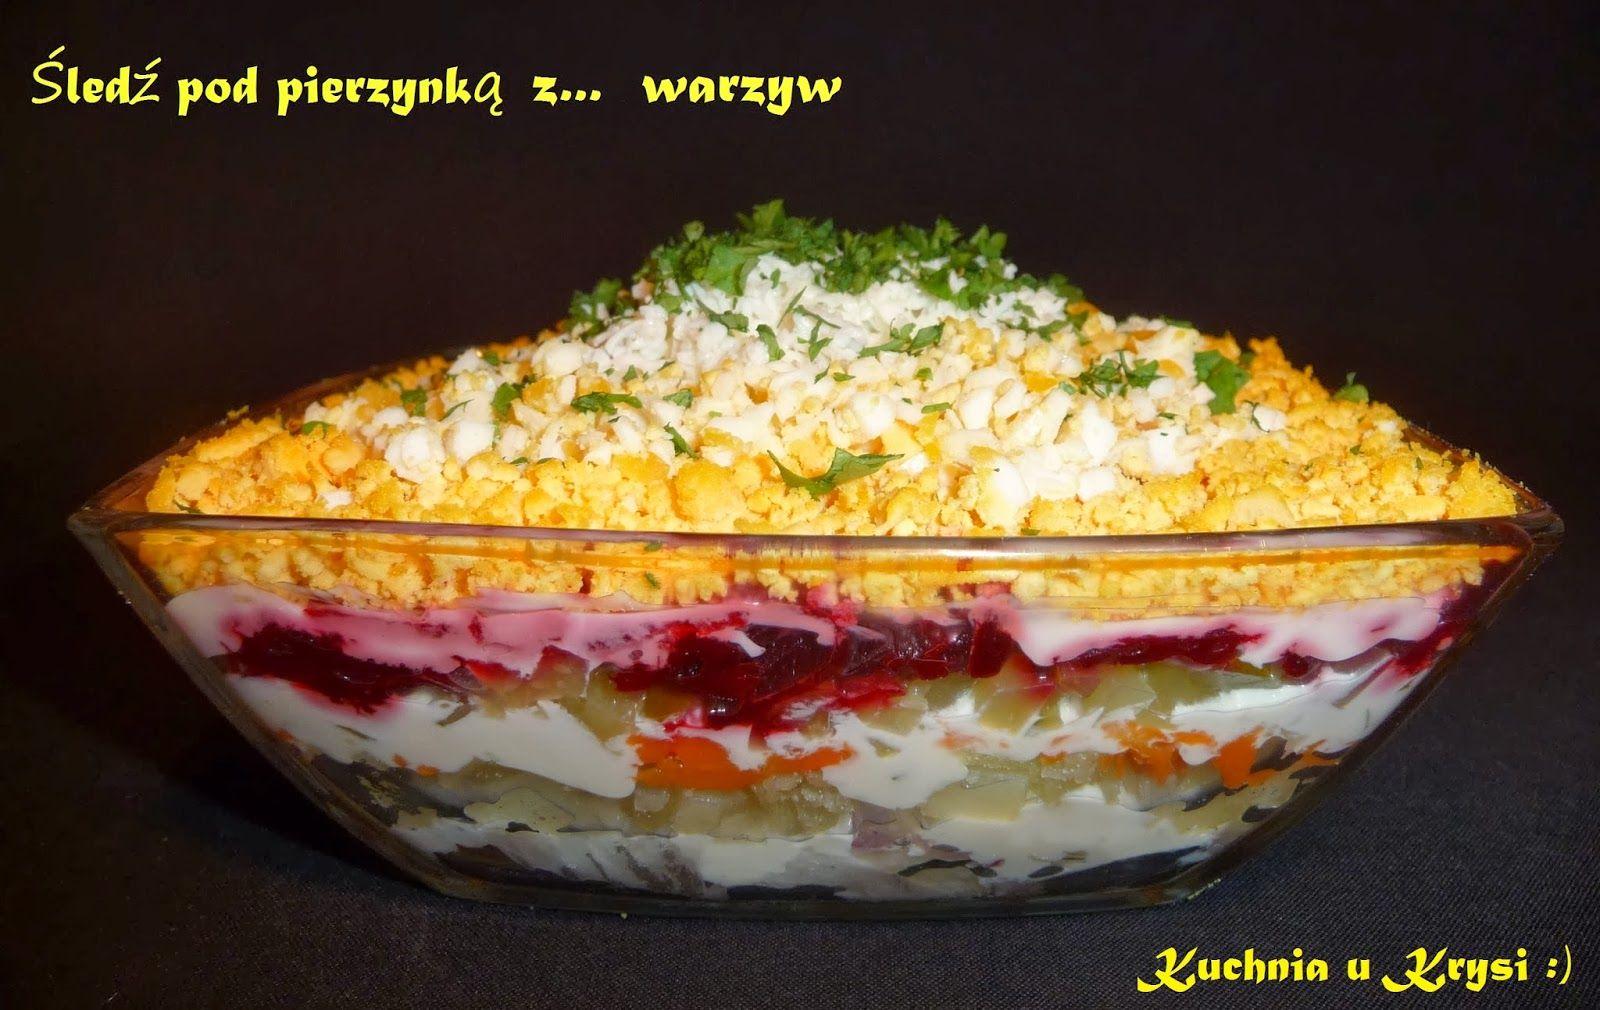 Http Kuchniaukrysi Blogspot Com 2014 03 Sledz Pod Pierzynka Z Warzyw Html Food Cooking Recipes